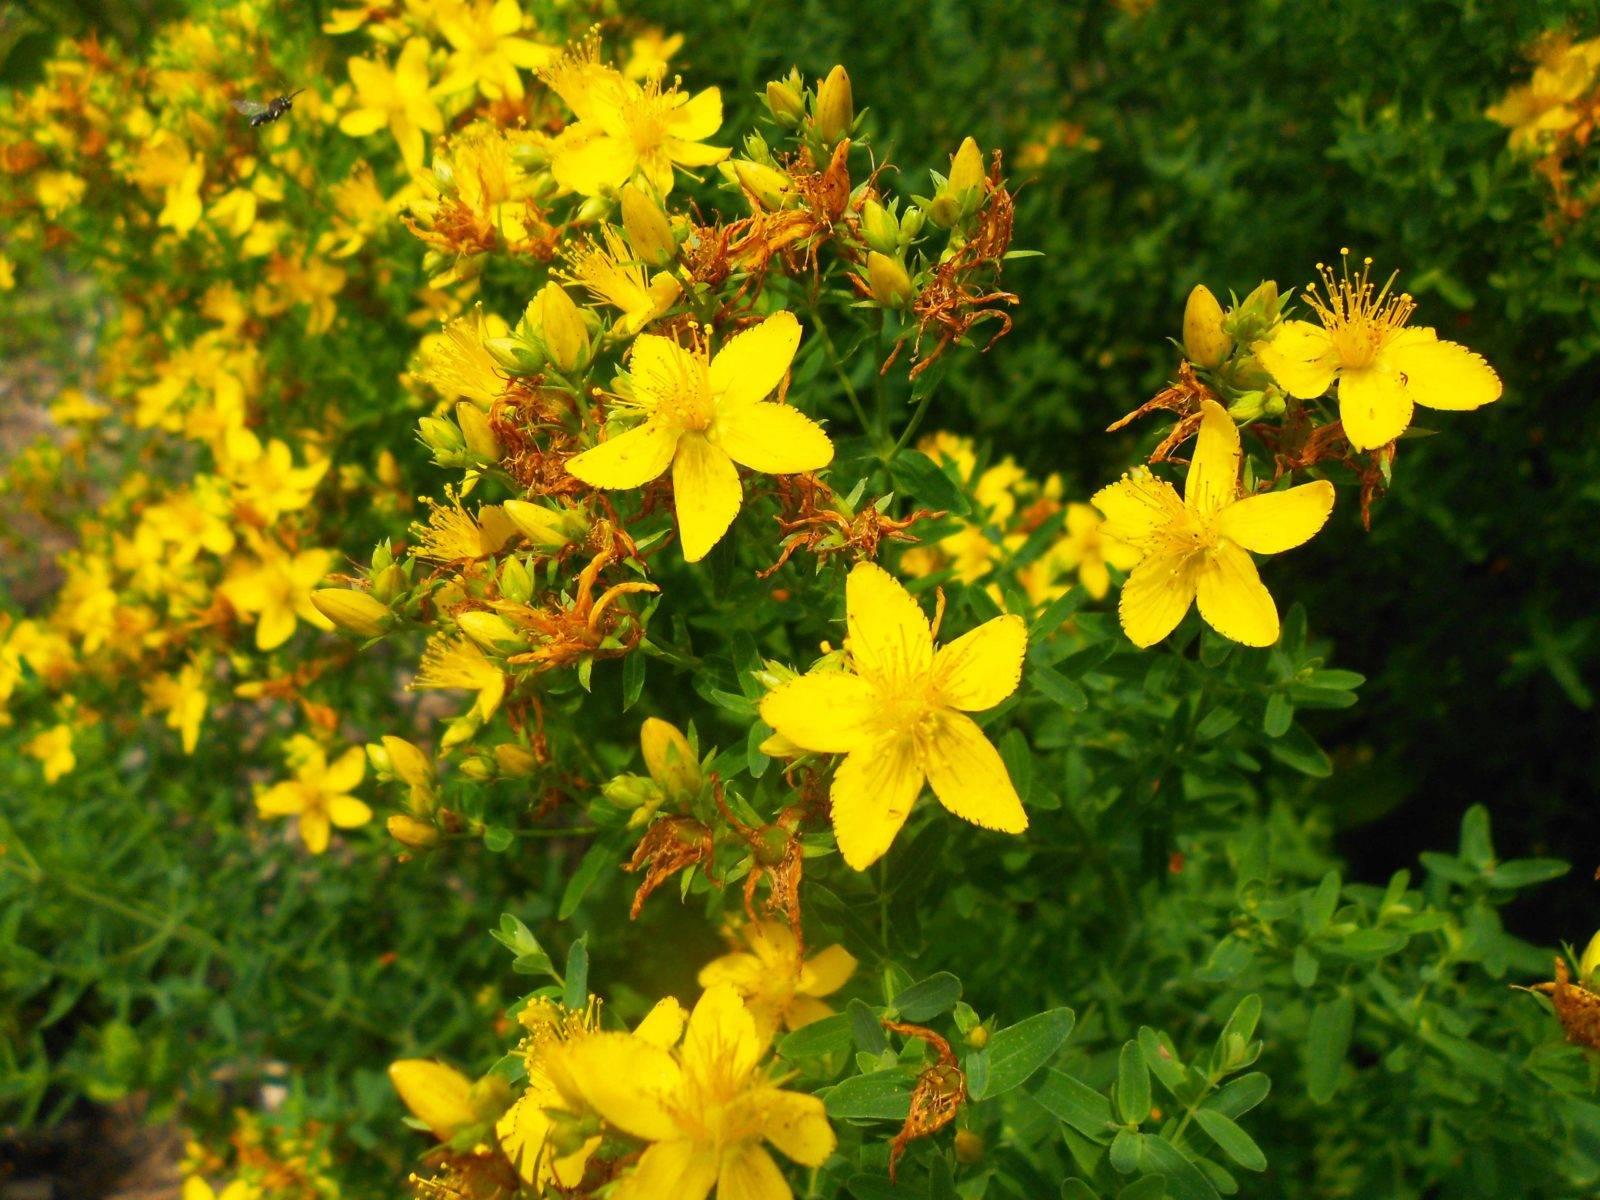 Зверобой: фото, полезные и лечебные свойства, противопоказания лекарственной травы